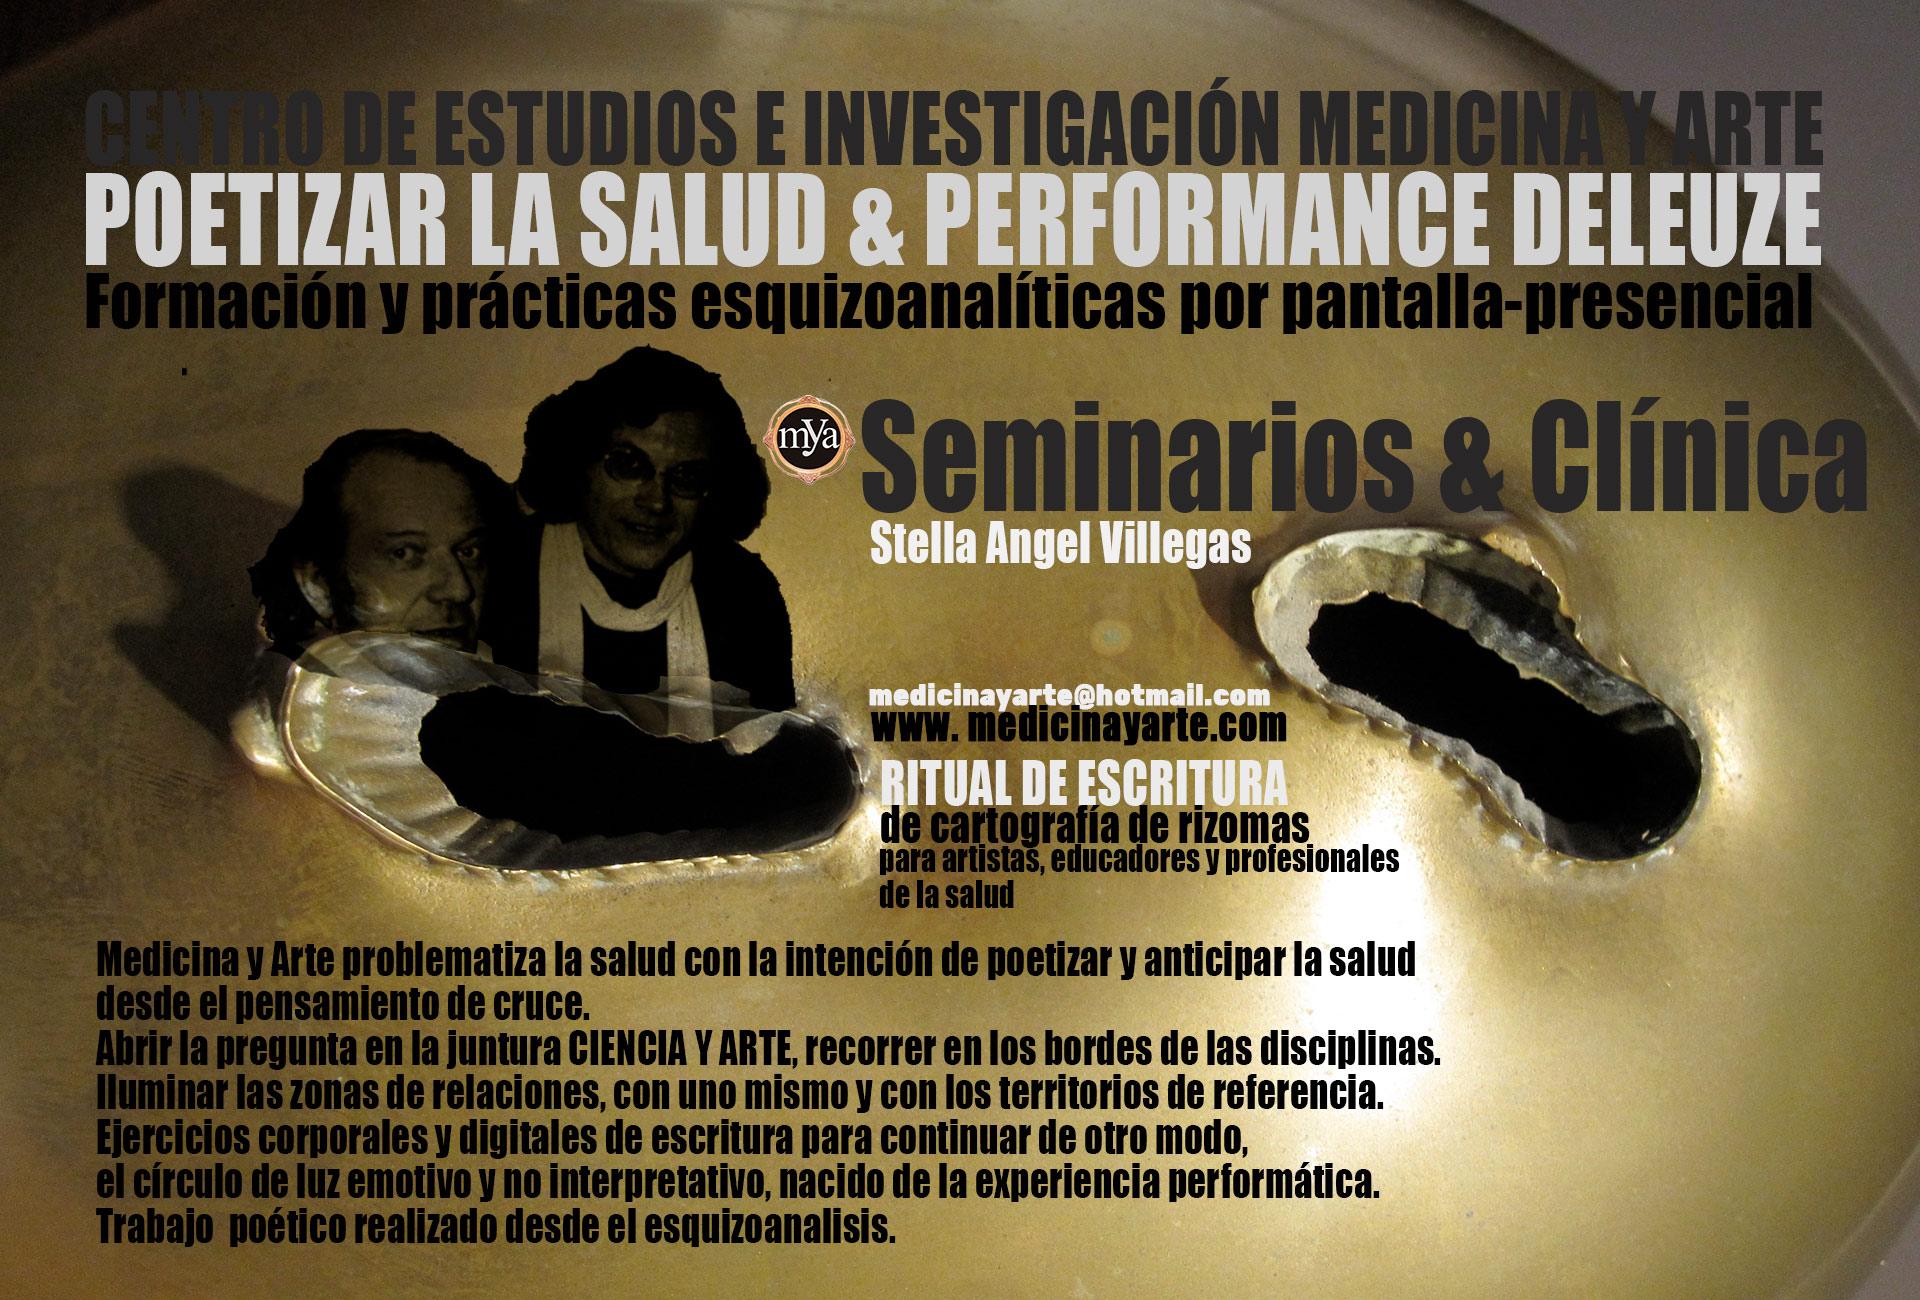 http://medicinayarte.com/img/poetizar_la_Salud_Performance_Deleuzev0.jpg